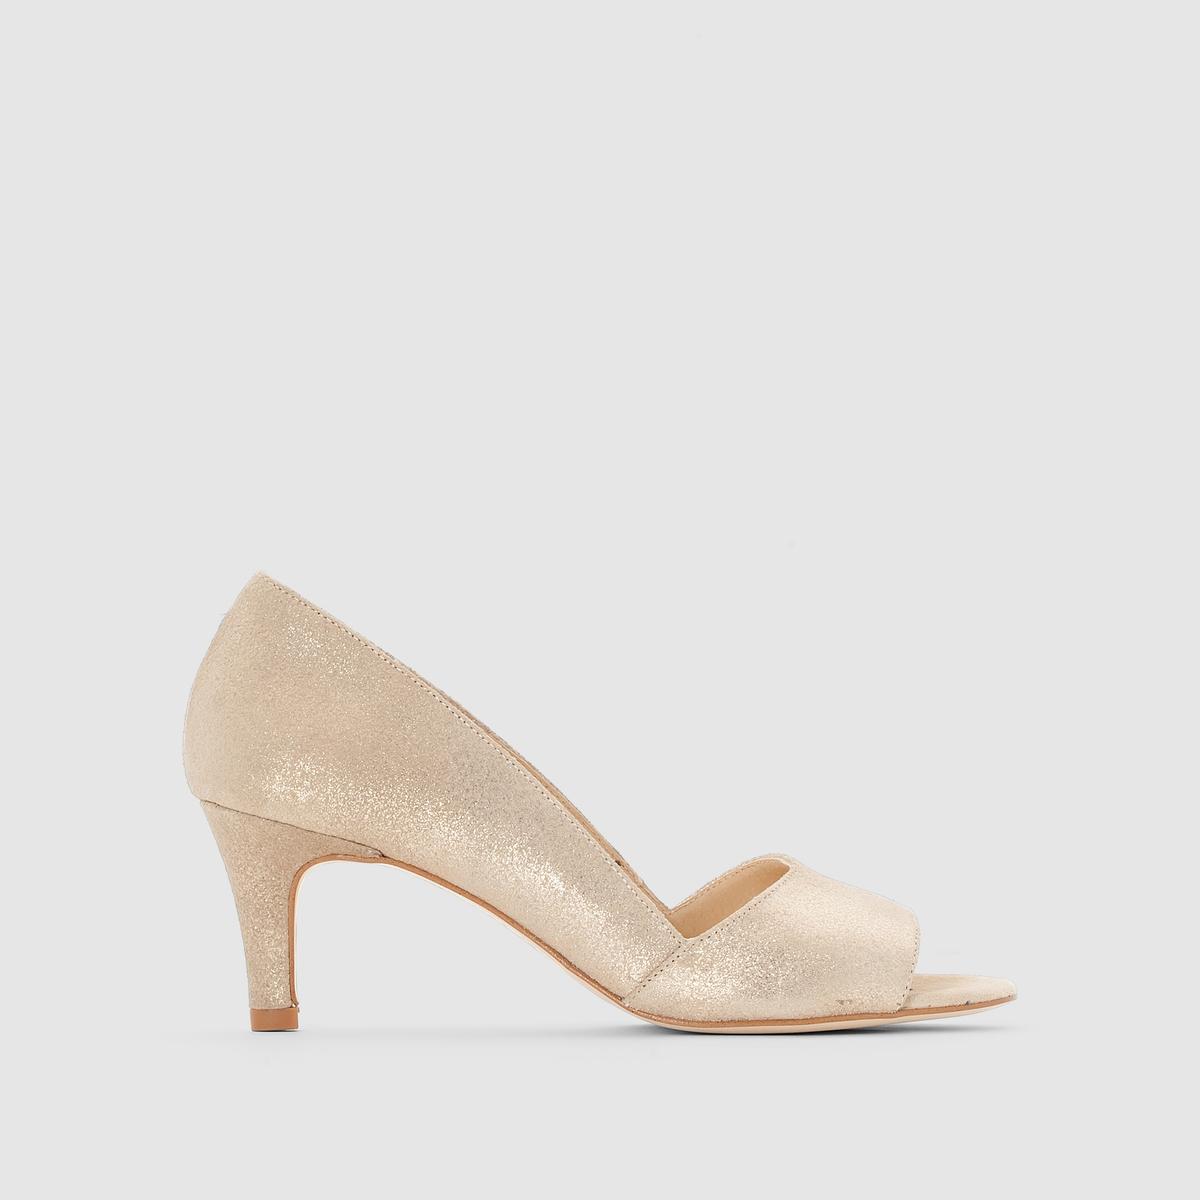 Туфли из ламинированной кожиПреимущества  : туфли на каблуке JONAK пленяют оригинальным внешним видом благодаря аутентичной и мягкой ламинированной коже<br><br>Цвет: Платиновый<br>Размер: 37